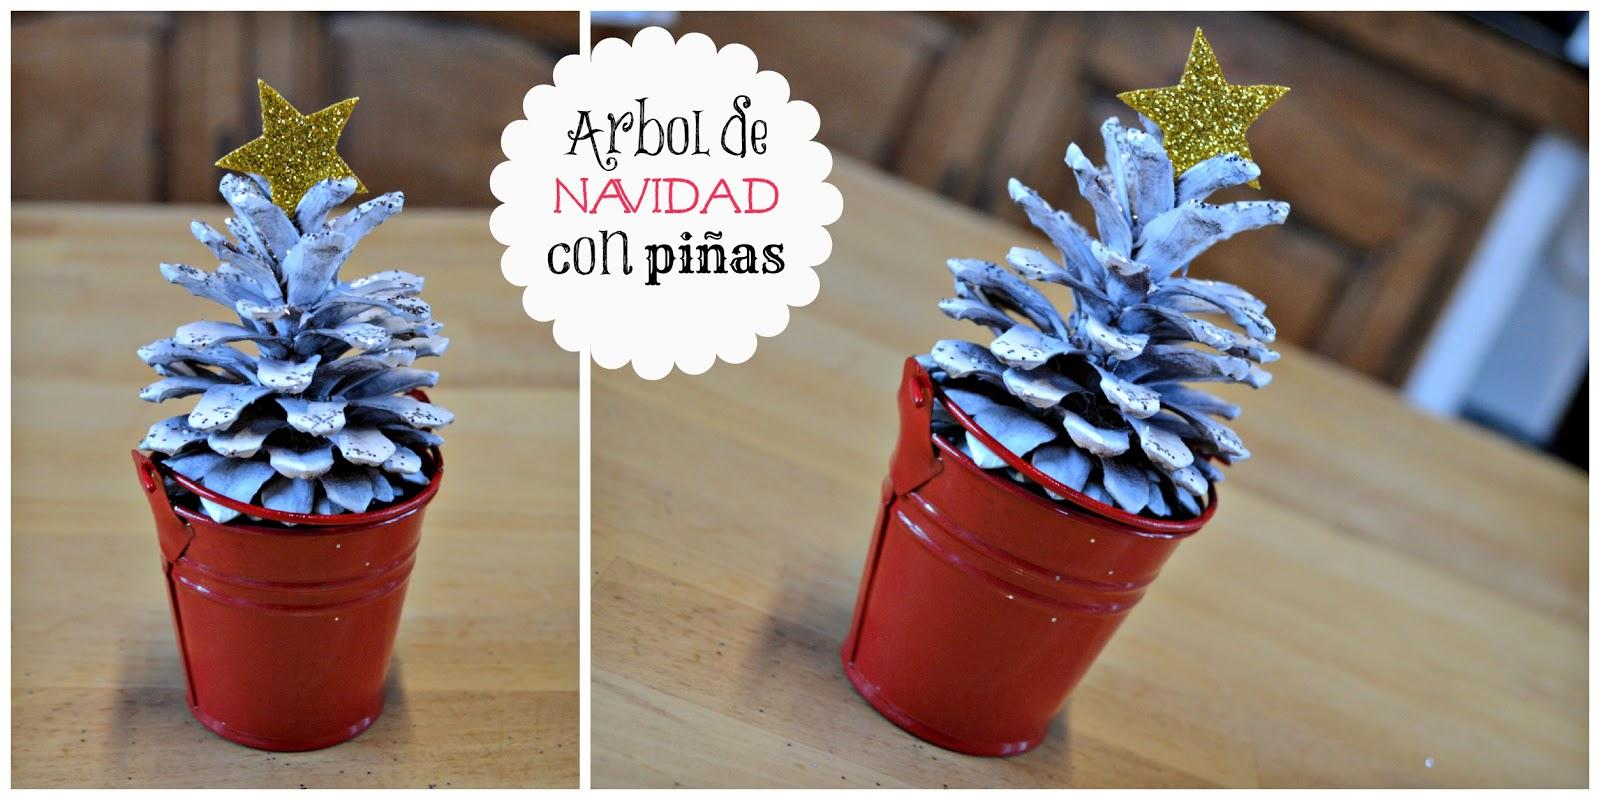 Mil artes mujer 4 manualidades express para hacer con ni os - Manualidades navidenas para ninos pequenos ...